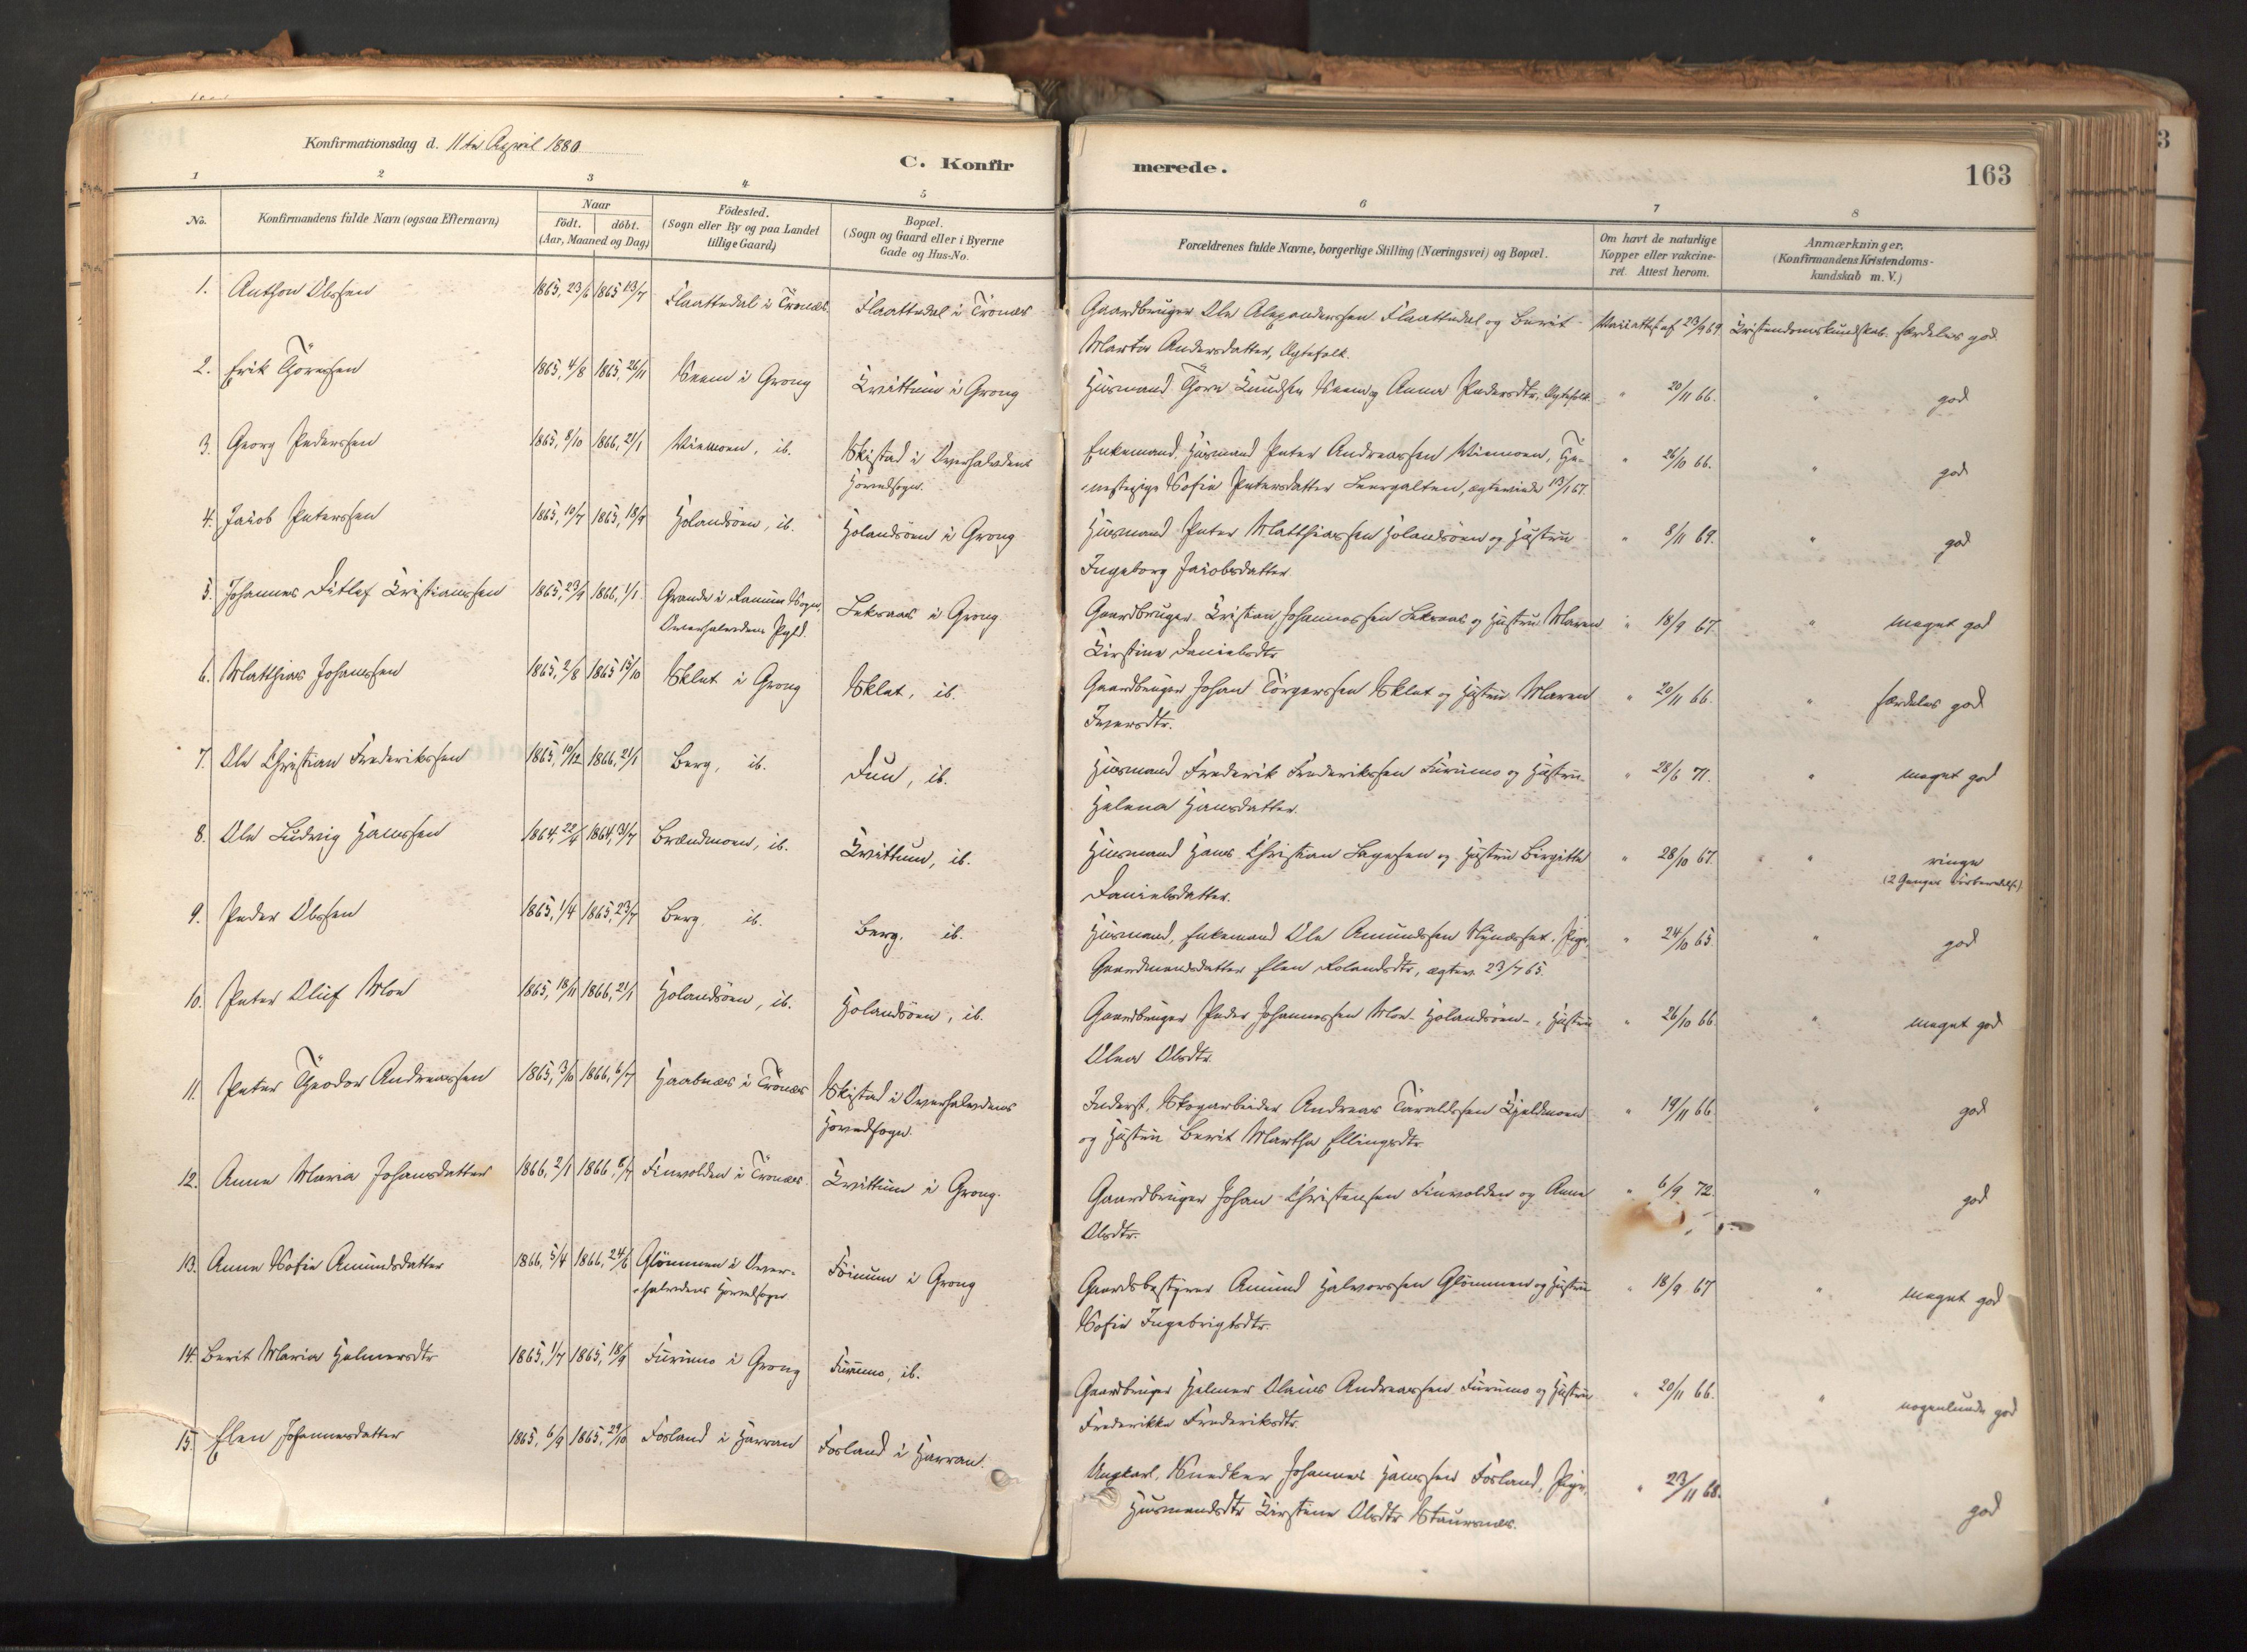 SAT, Ministerialprotokoller, klokkerbøker og fødselsregistre - Nord-Trøndelag, 758/L0519: Ministerialbok nr. 758A04, 1880-1926, s. 163